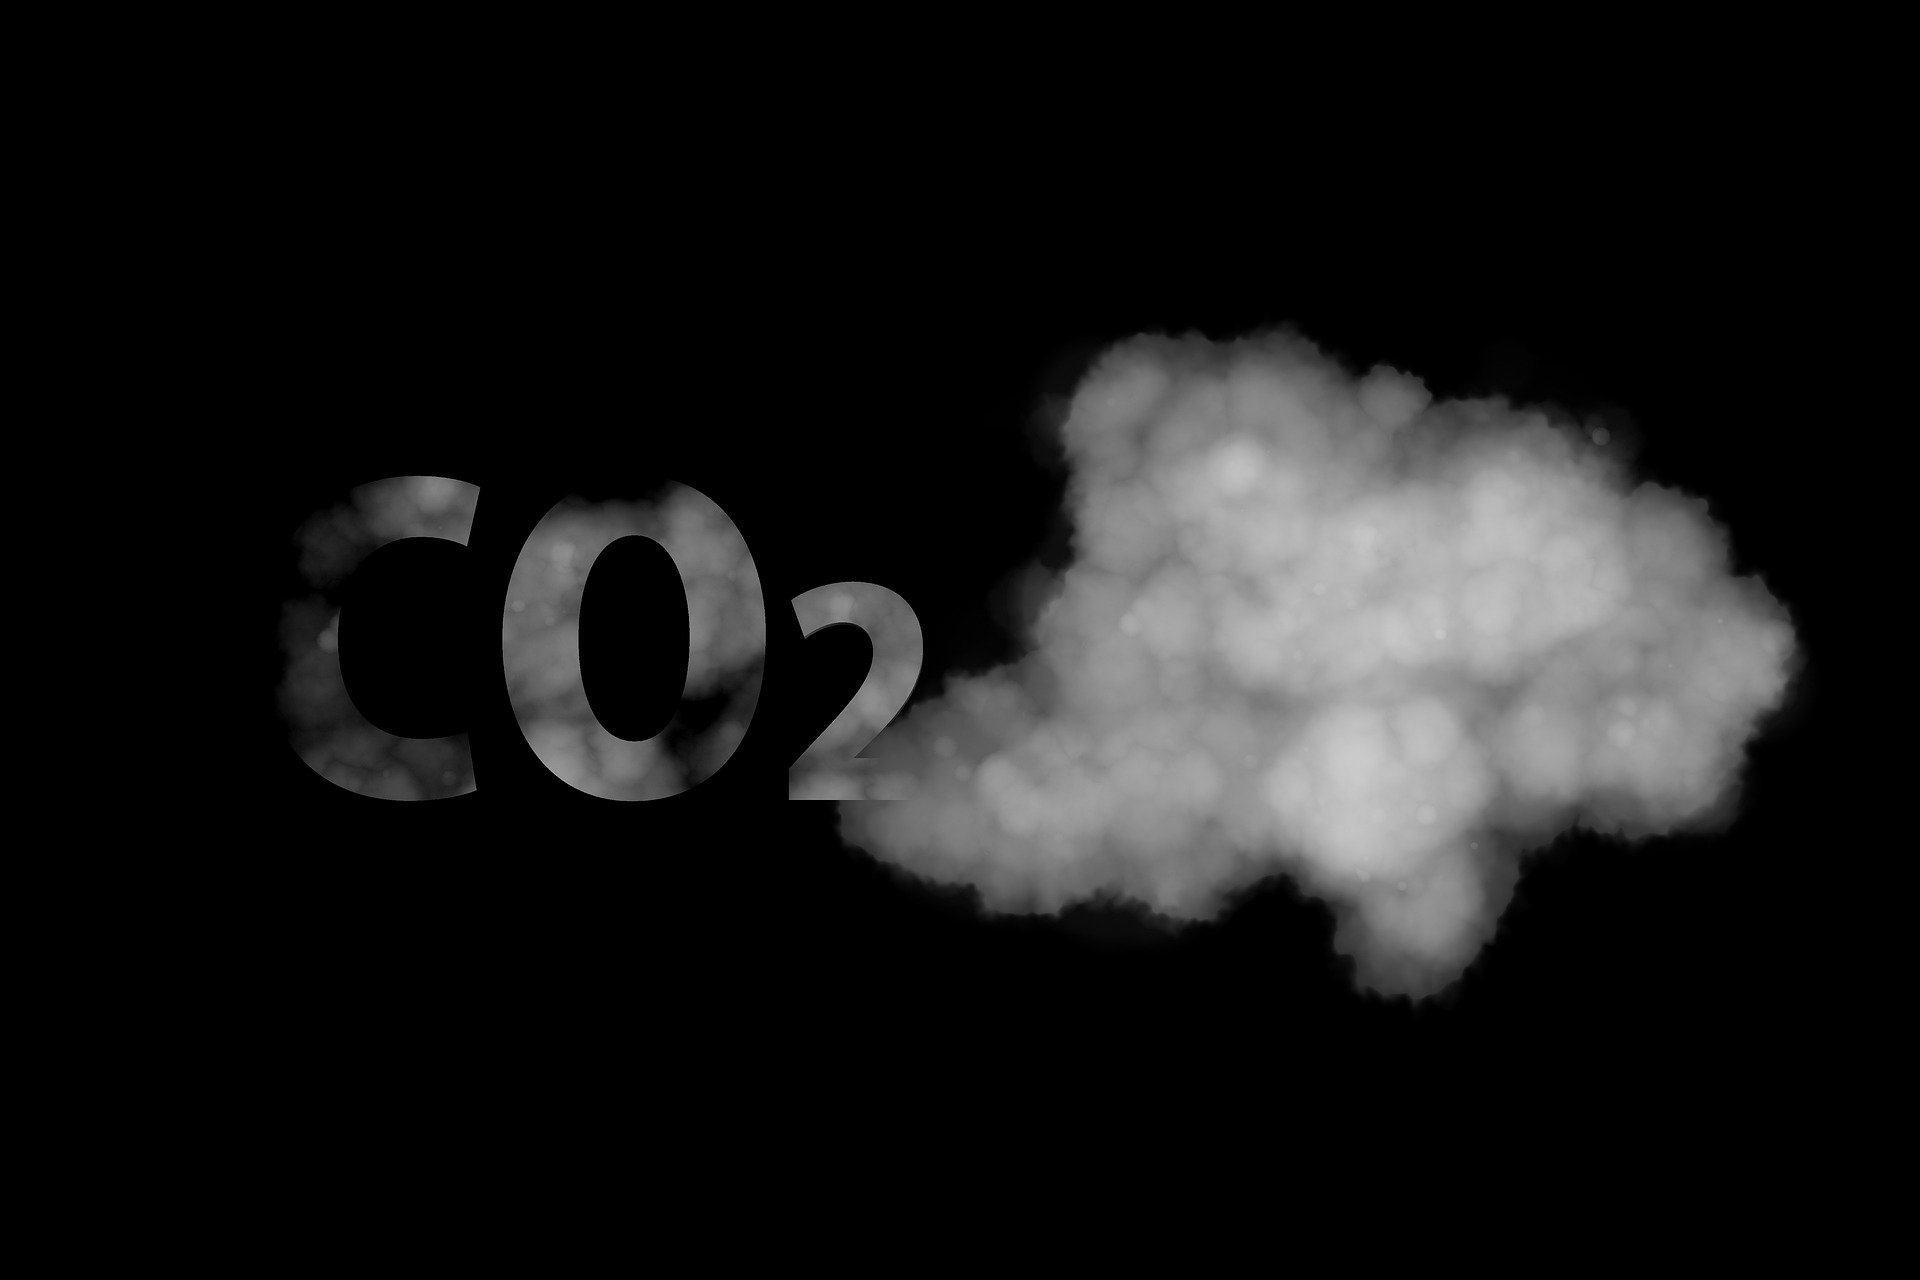 La Huella de Carbono compensa a las empresas